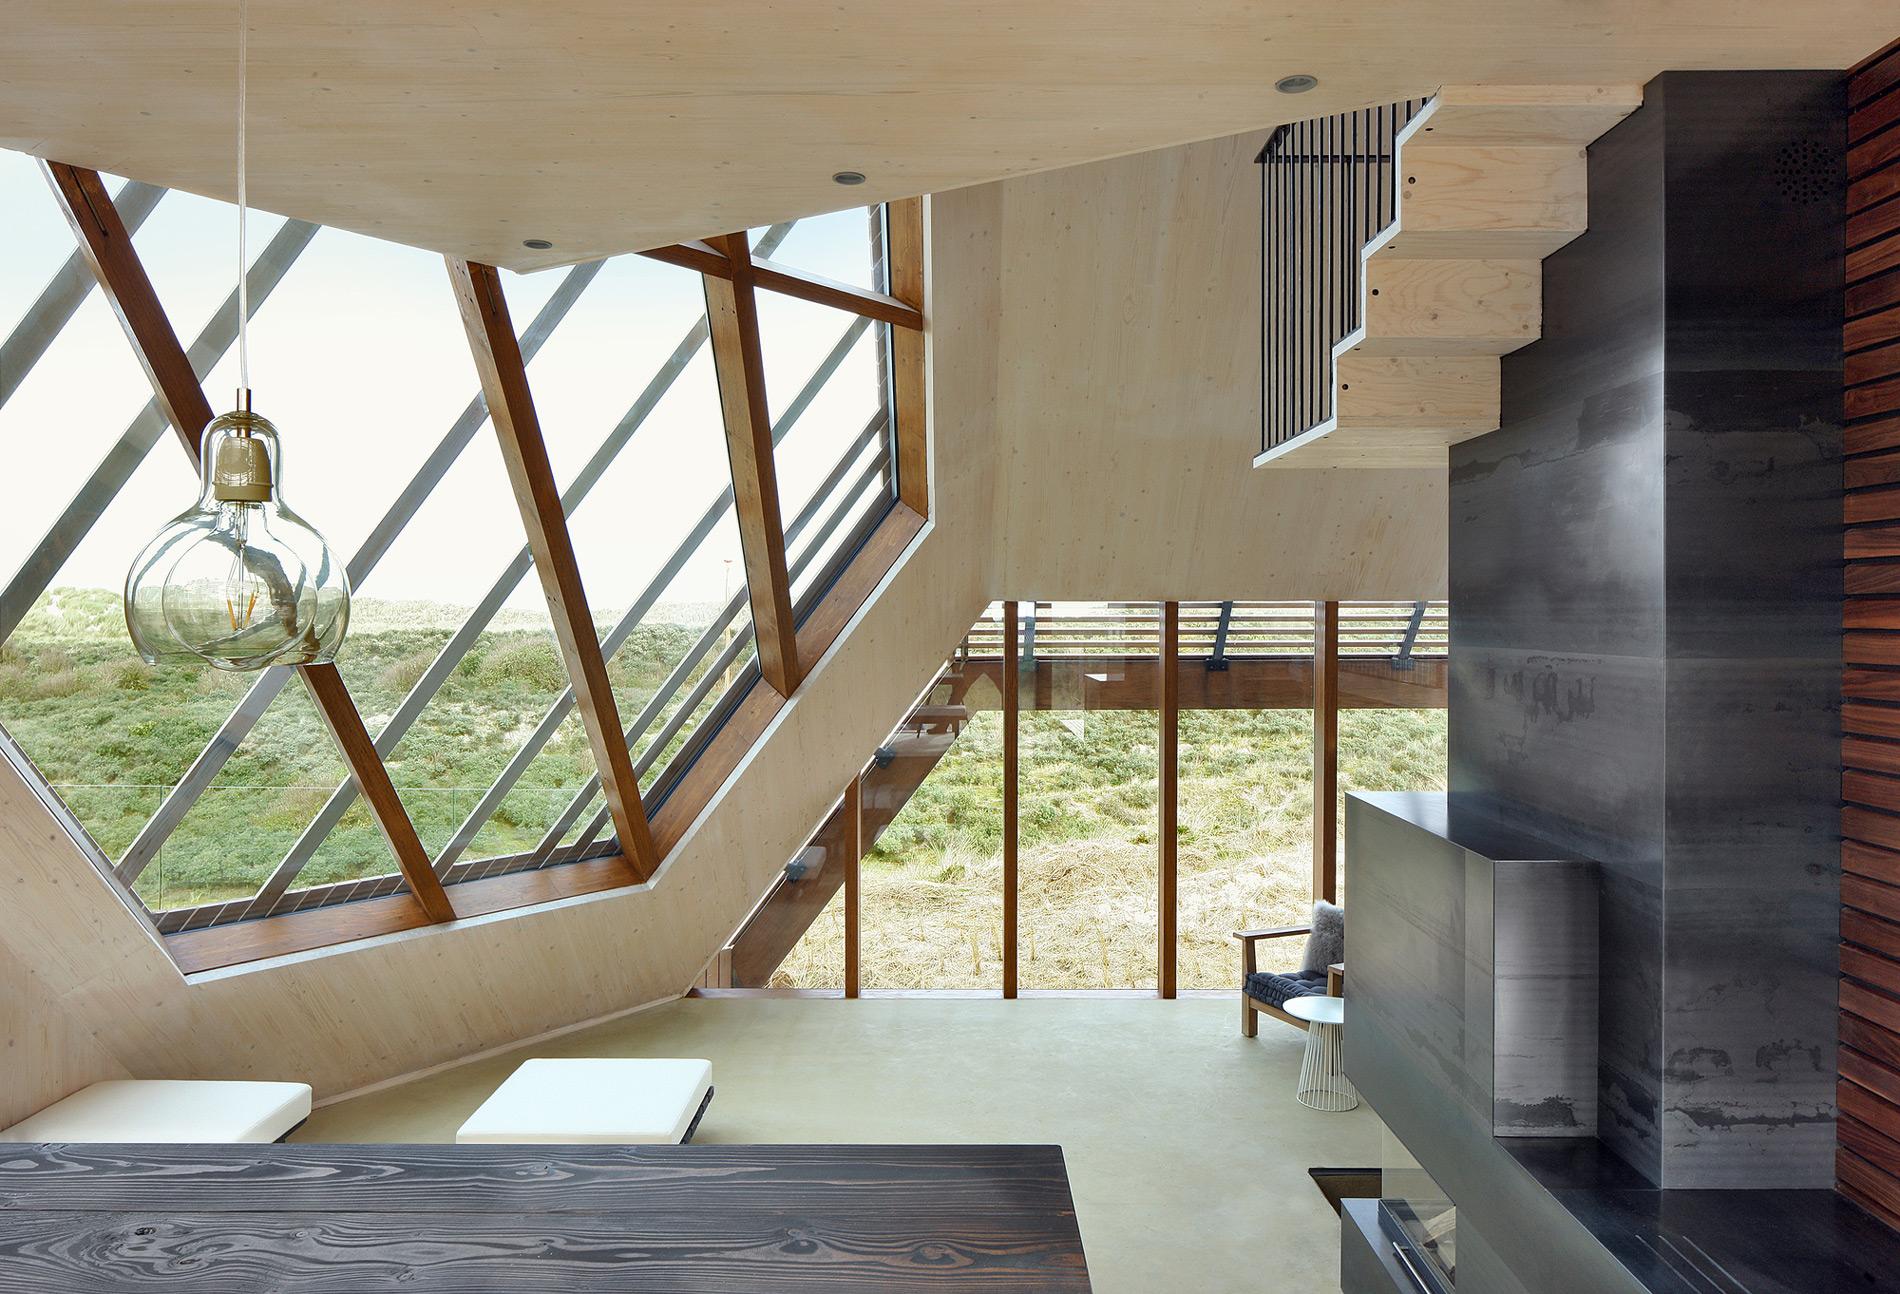 Dune House / Marc Koehler Architects (13)